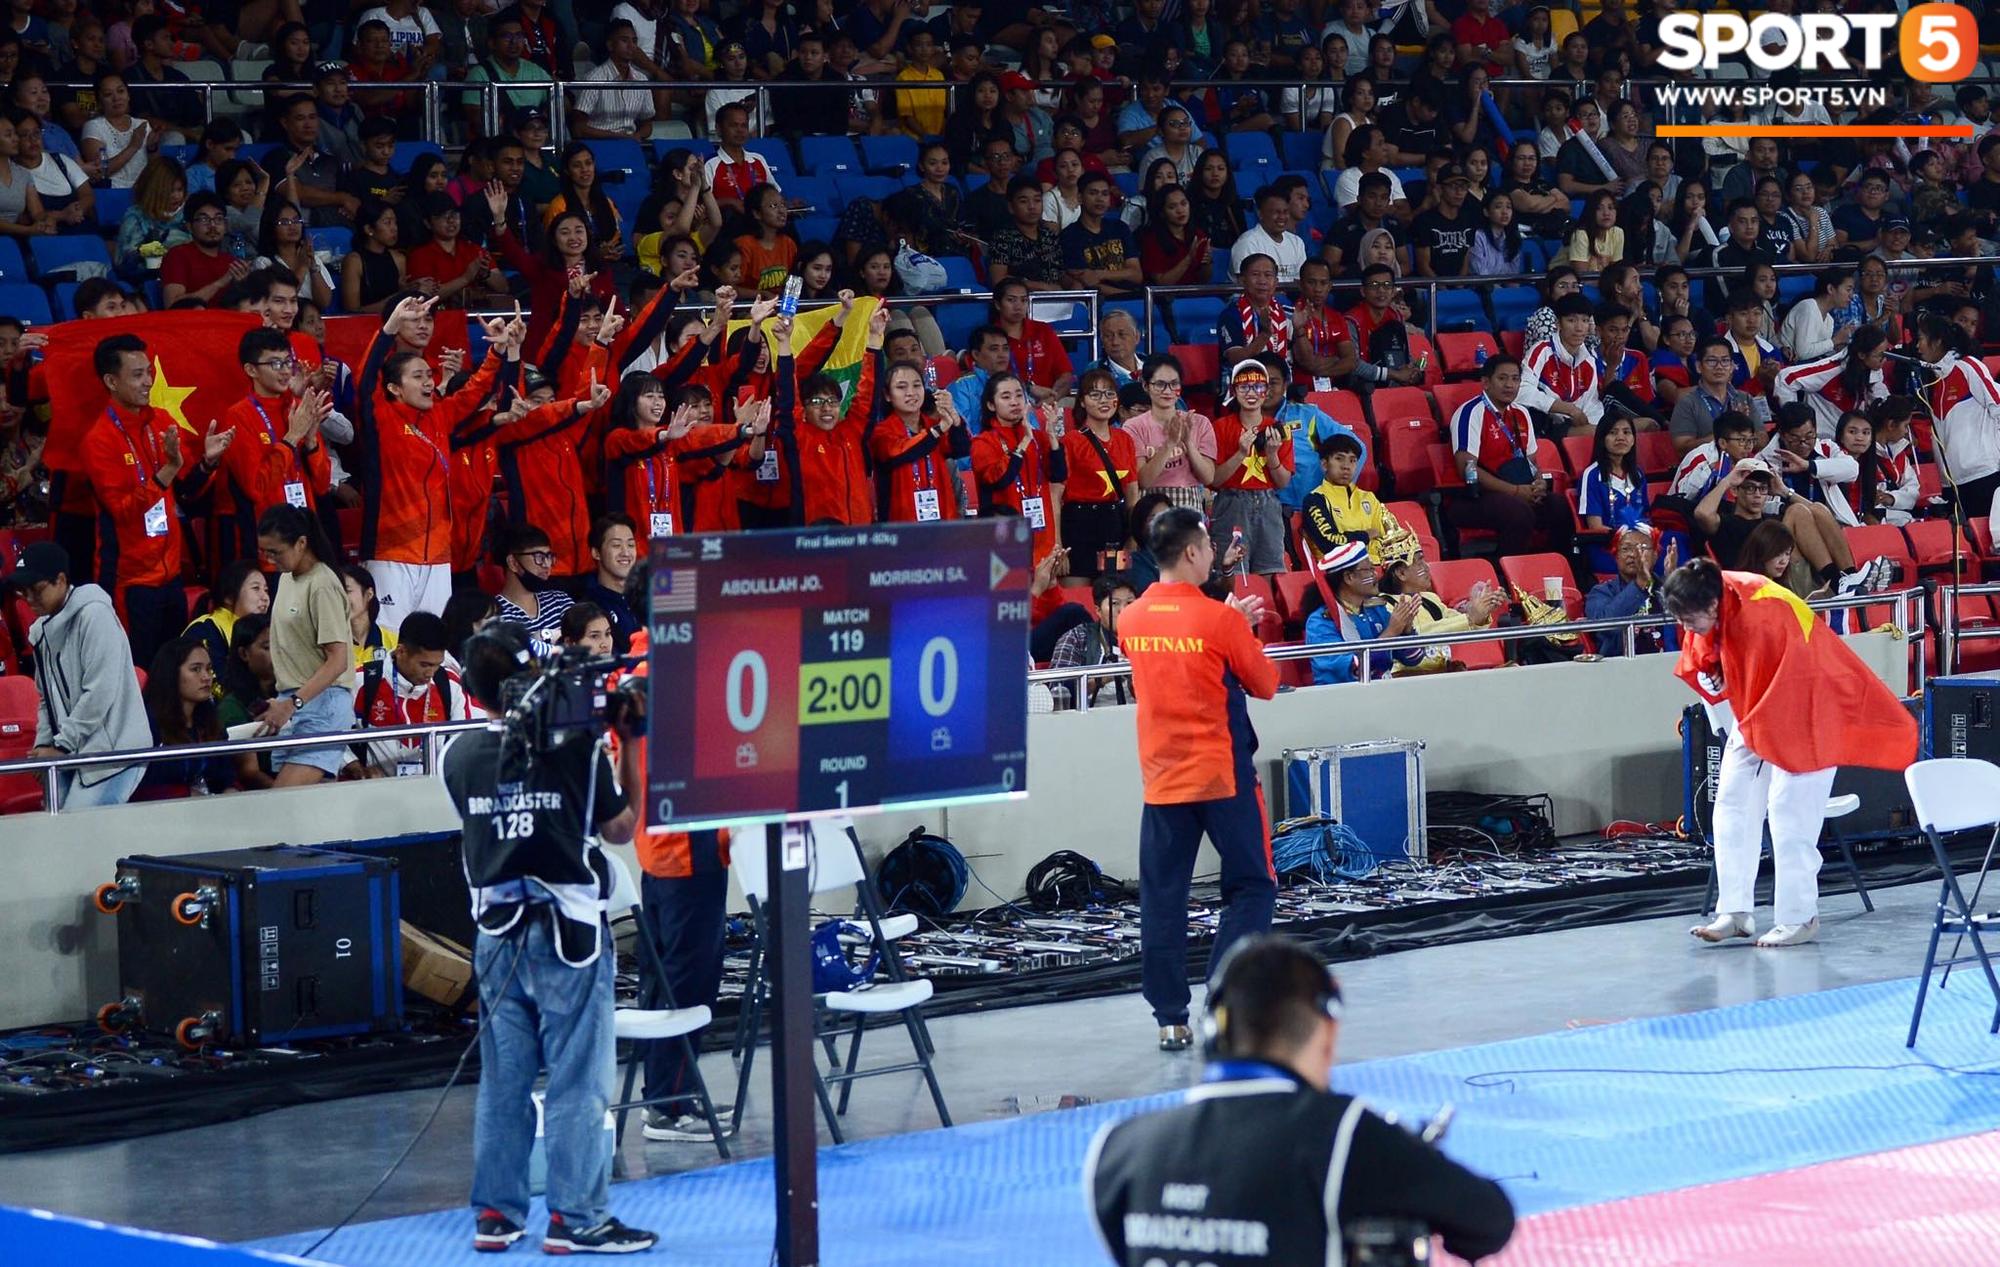 SEA Games ngày 8/12: Nữ hoàng điền kinh Tú Chinh vượt 2 VĐV nhập tịch trong tích tắc, xuất sắc giành HCV chung cuộc - Ảnh 19.